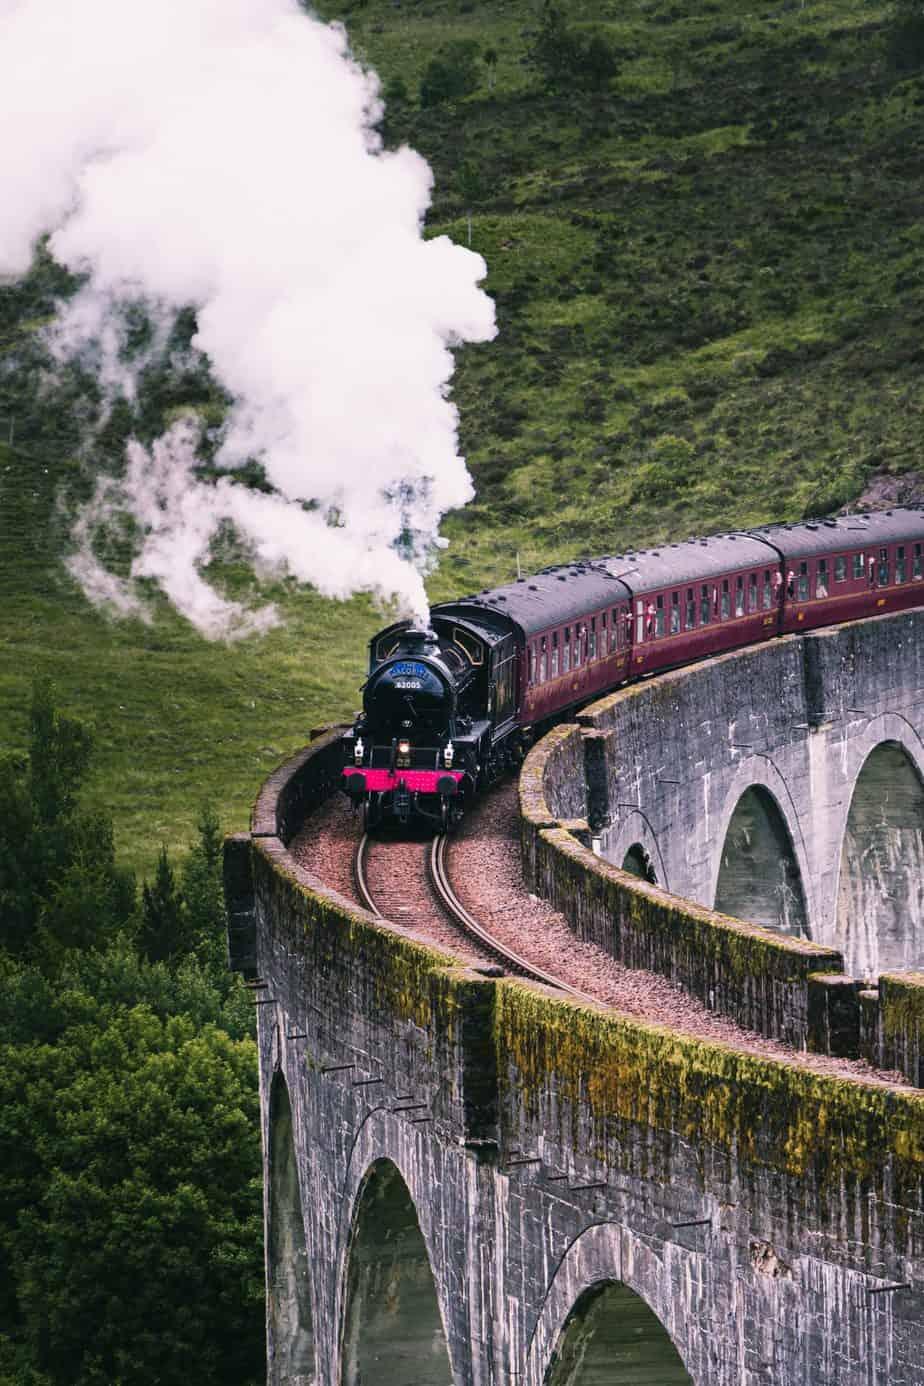 Frugal train travel